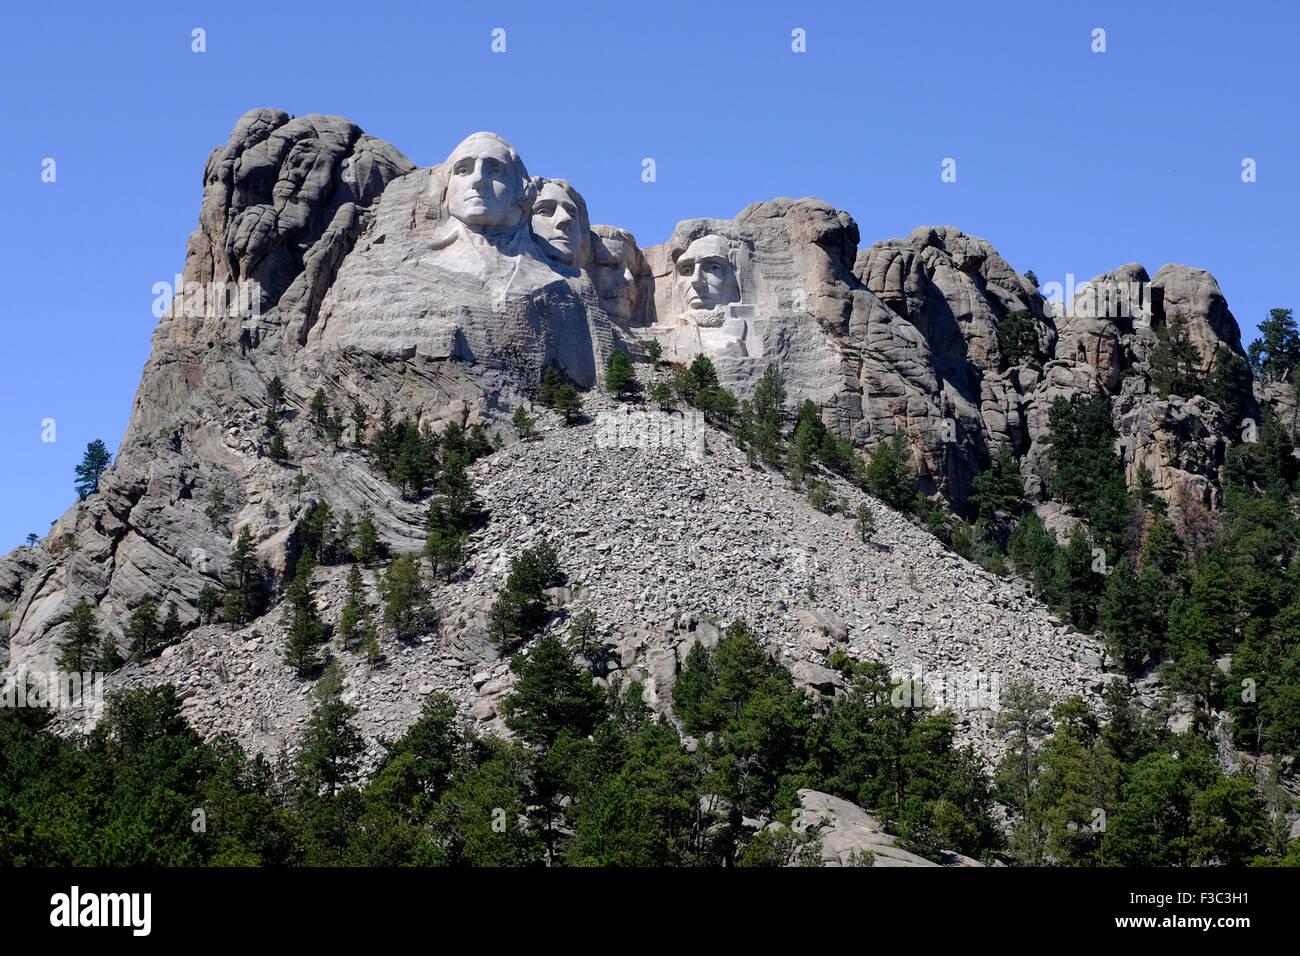 Monte Rushmore Monumento Nacional cerca de Keystone, Dakota del Sur Imagen De Stock